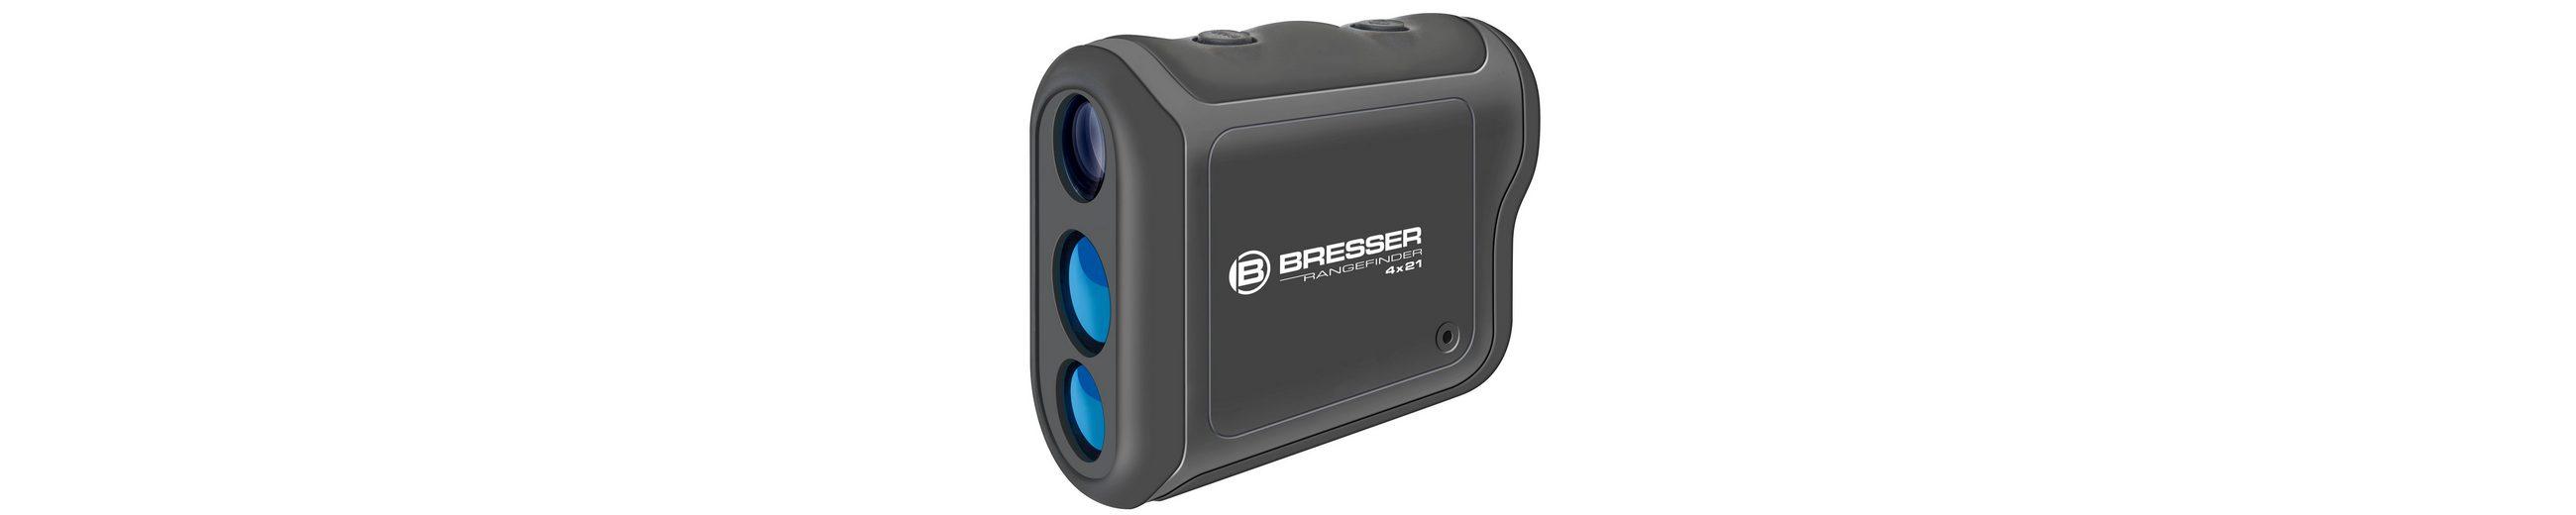 Bresser Entfernungsmesser »BRESSER 4x21 800m Laser Entfernungsmesser«